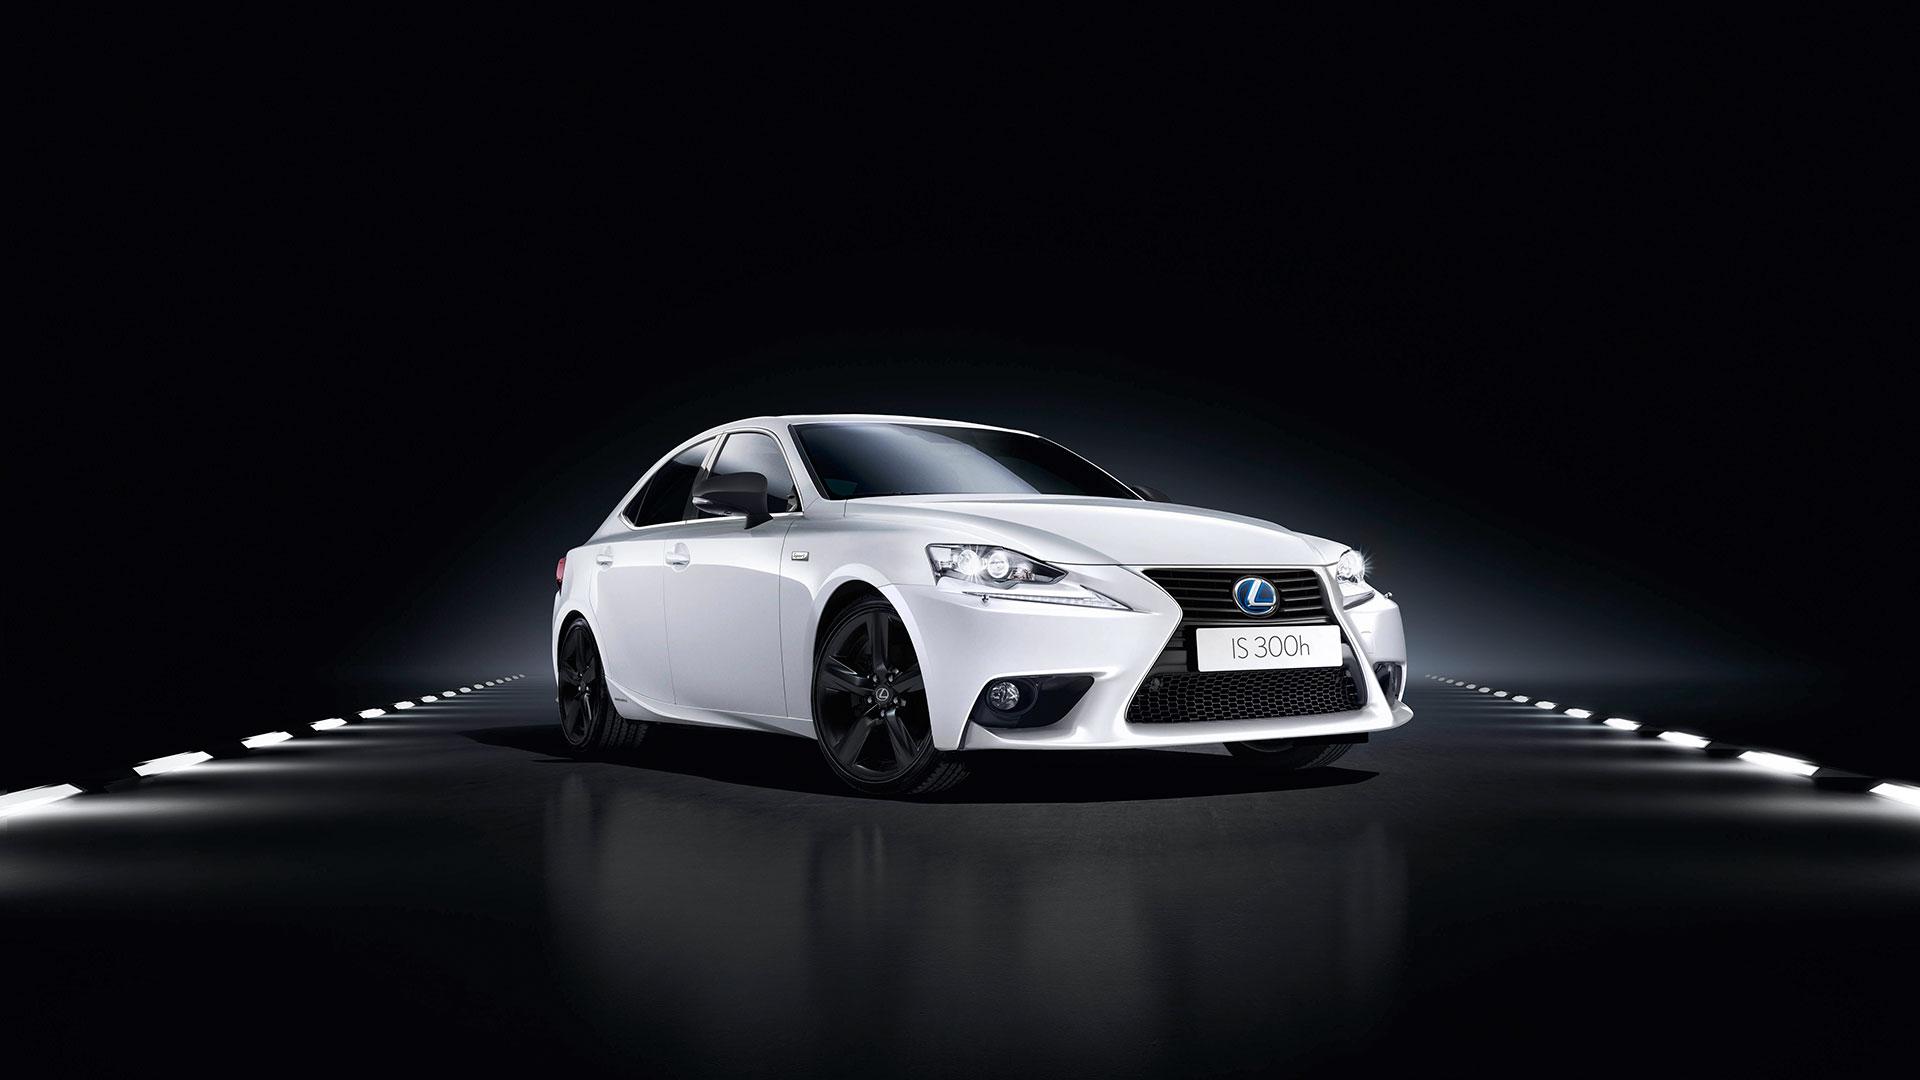 Conozca el nuevo Lexus IS 300h hero asset